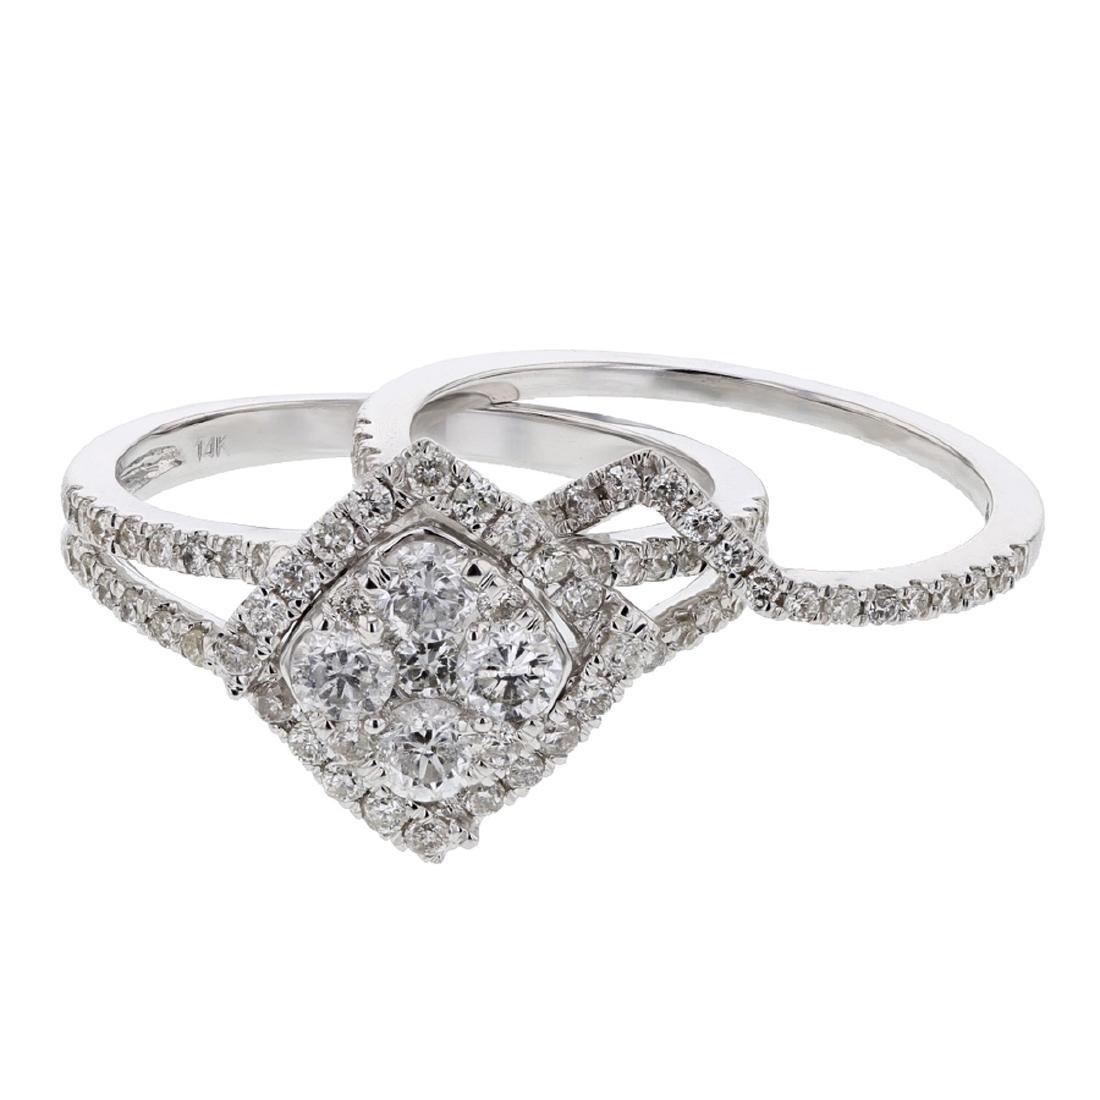 14KT White Gold 0.66ctw Diamond Ring